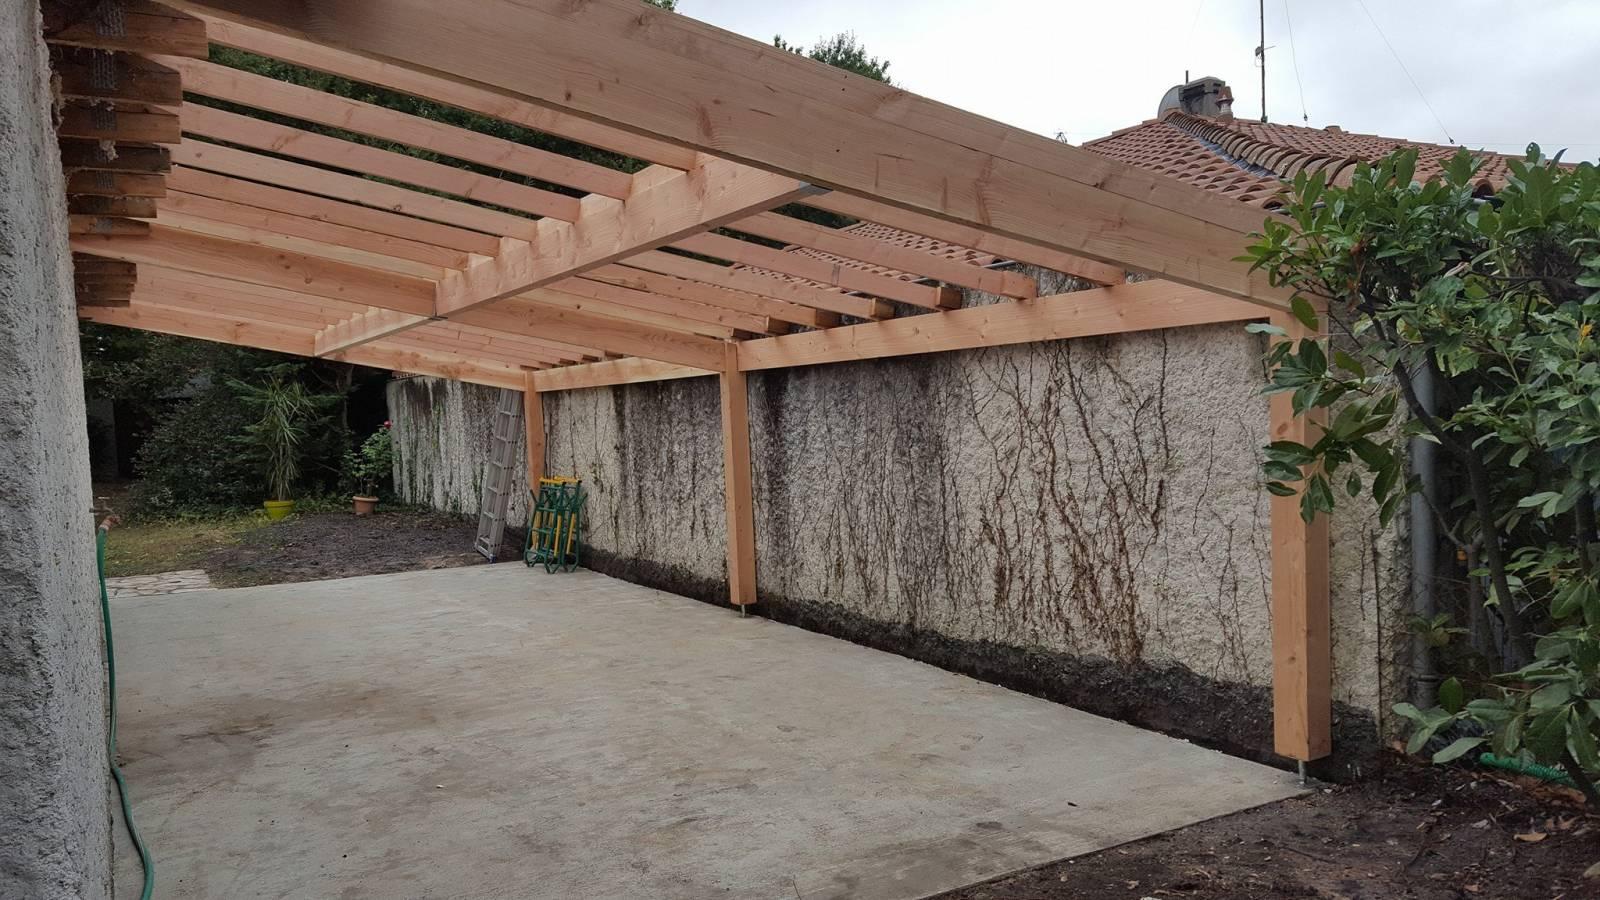 Carport en bois a castelnau de m doc jms couverture for Garage castelnau de medoc